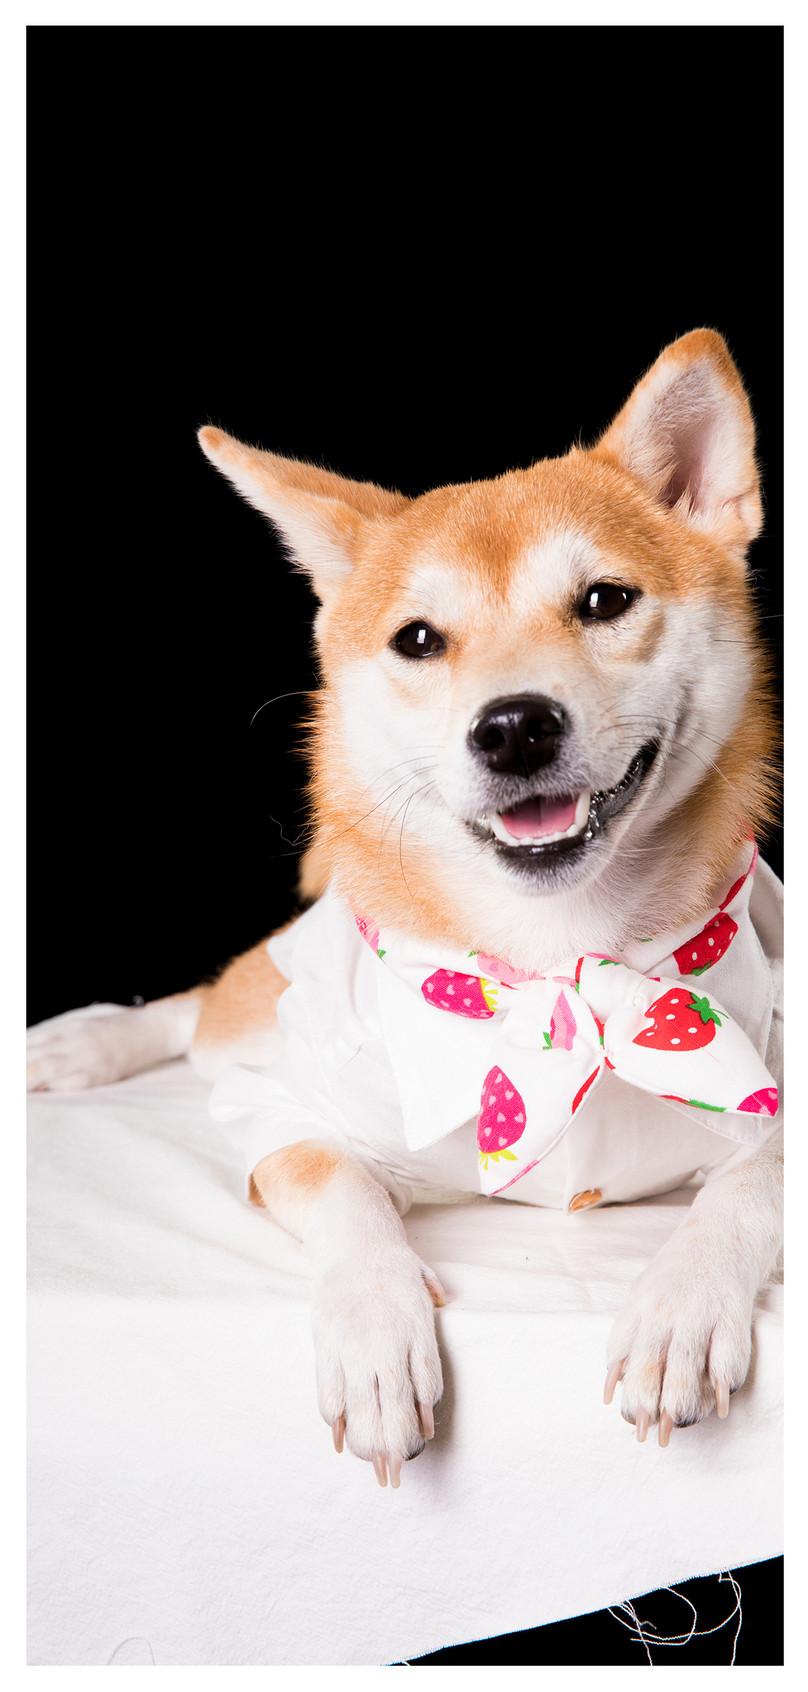 柴犬犬モバイル壁紙イメージ 背景 Id 400671946 Prf画像フォーマット